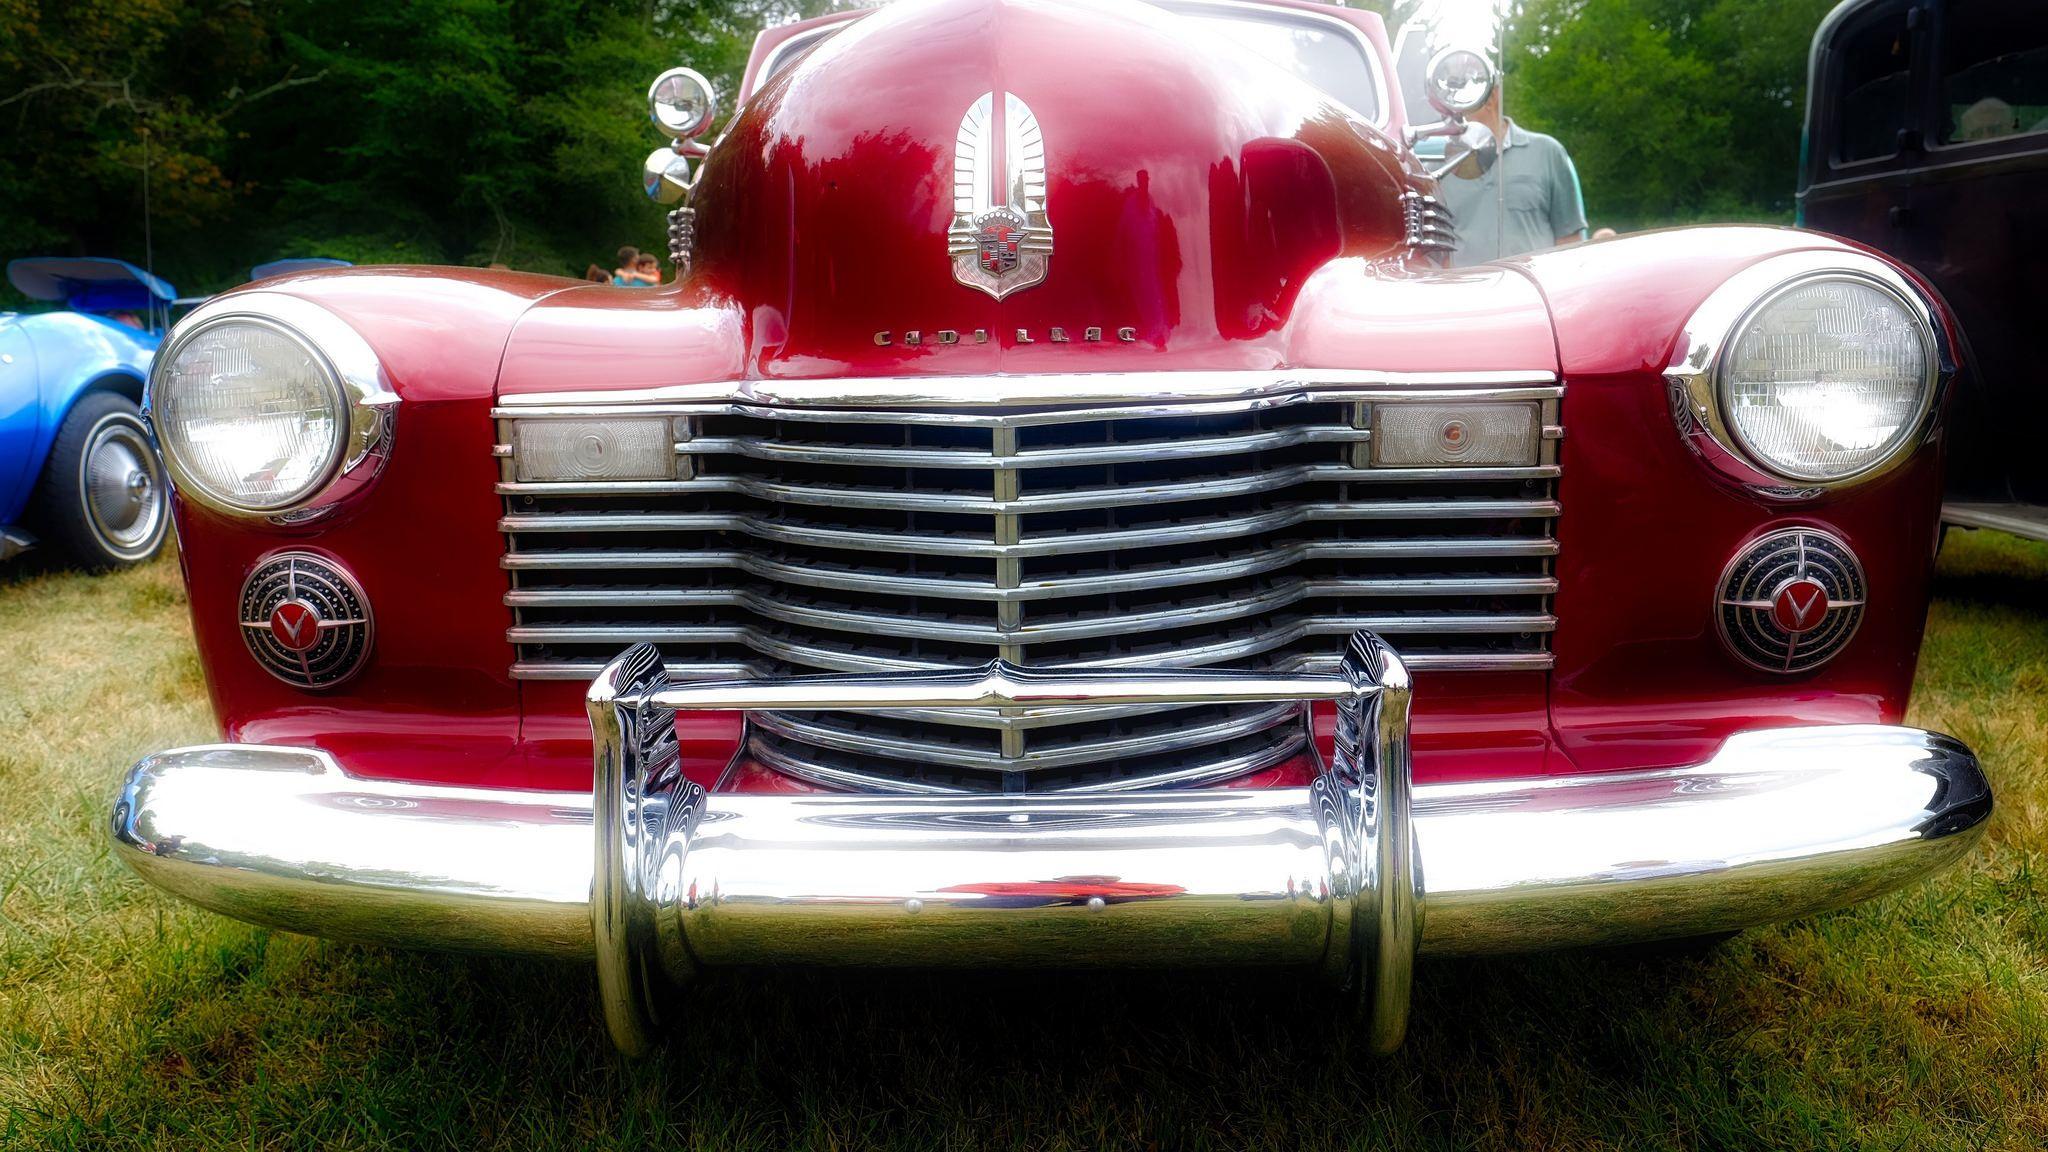 Nice old Cadillac | Cadillac and Cars